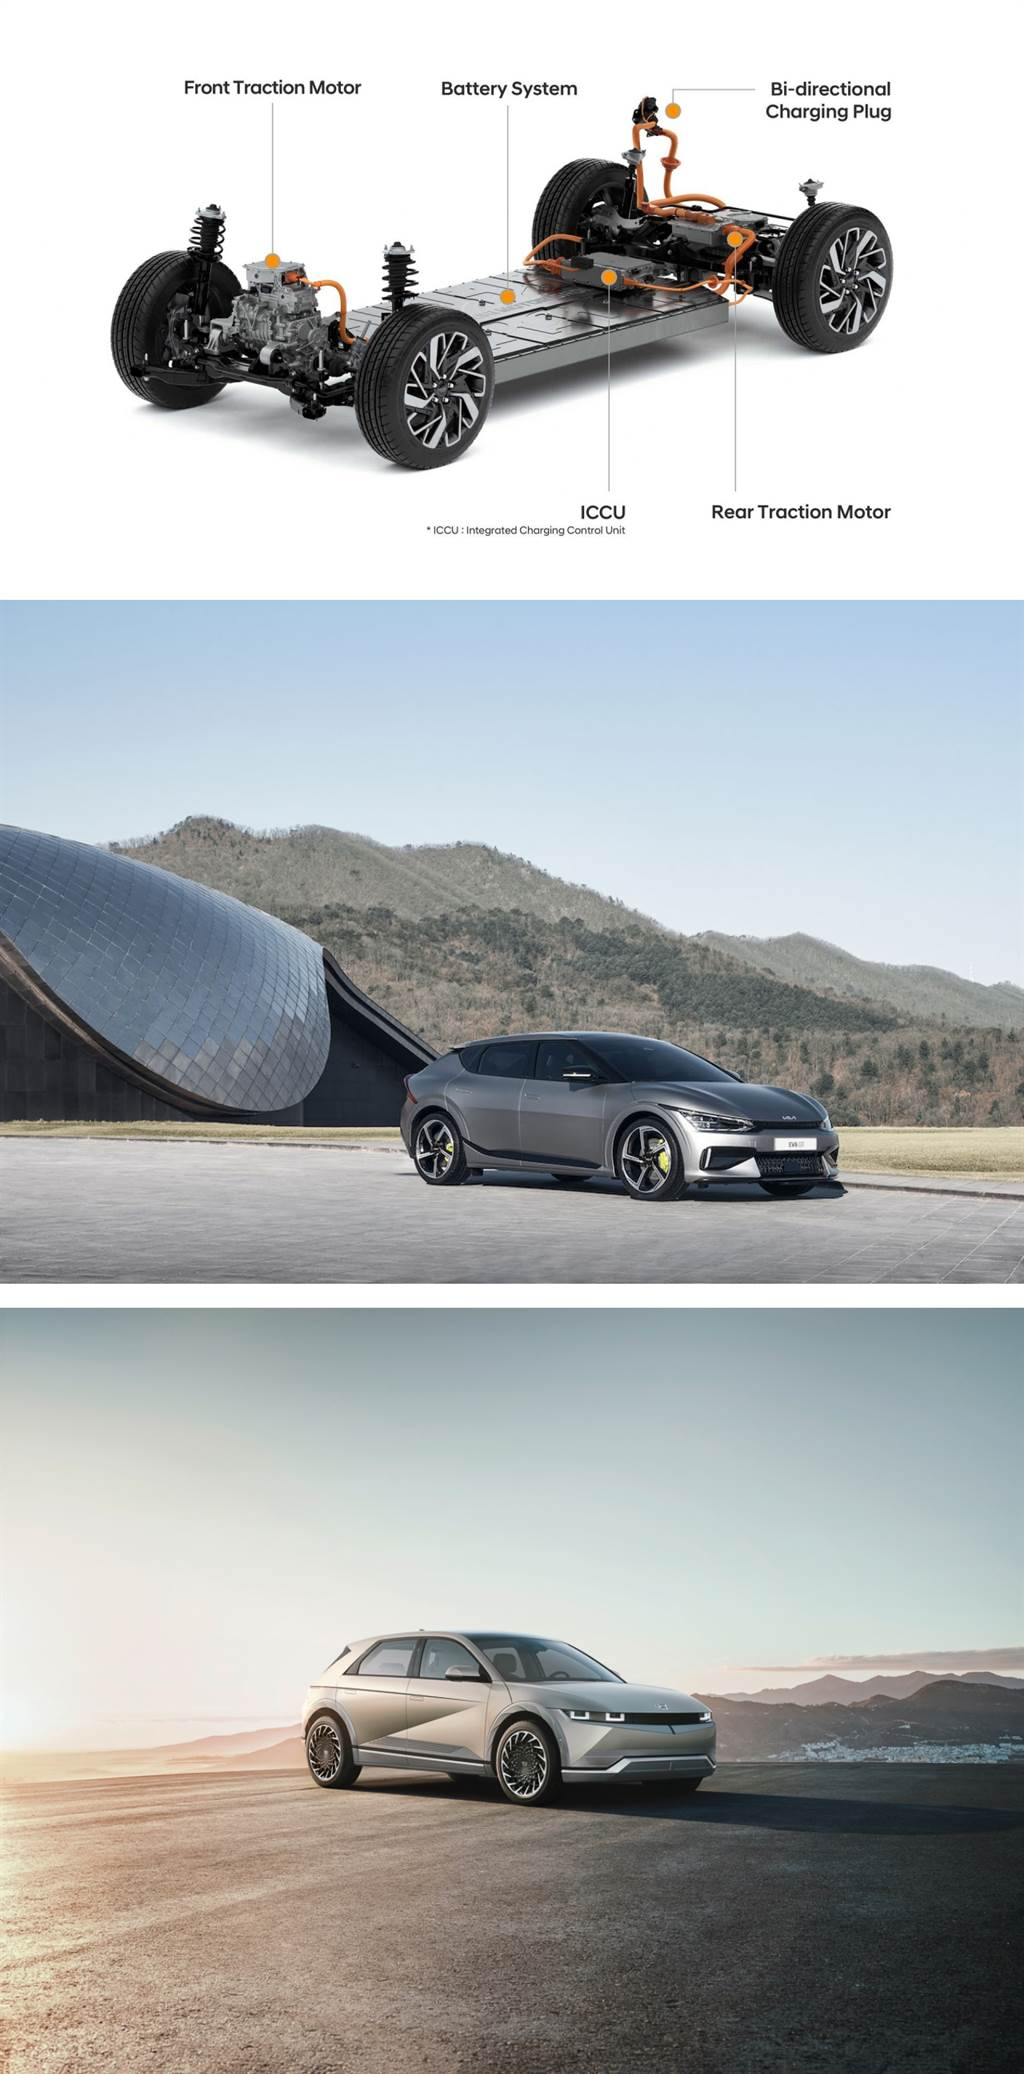 不僅 V8 內燃機沒了,Hyundai-KIA 集團宣示不再研發全新的內燃機動力總成與平台